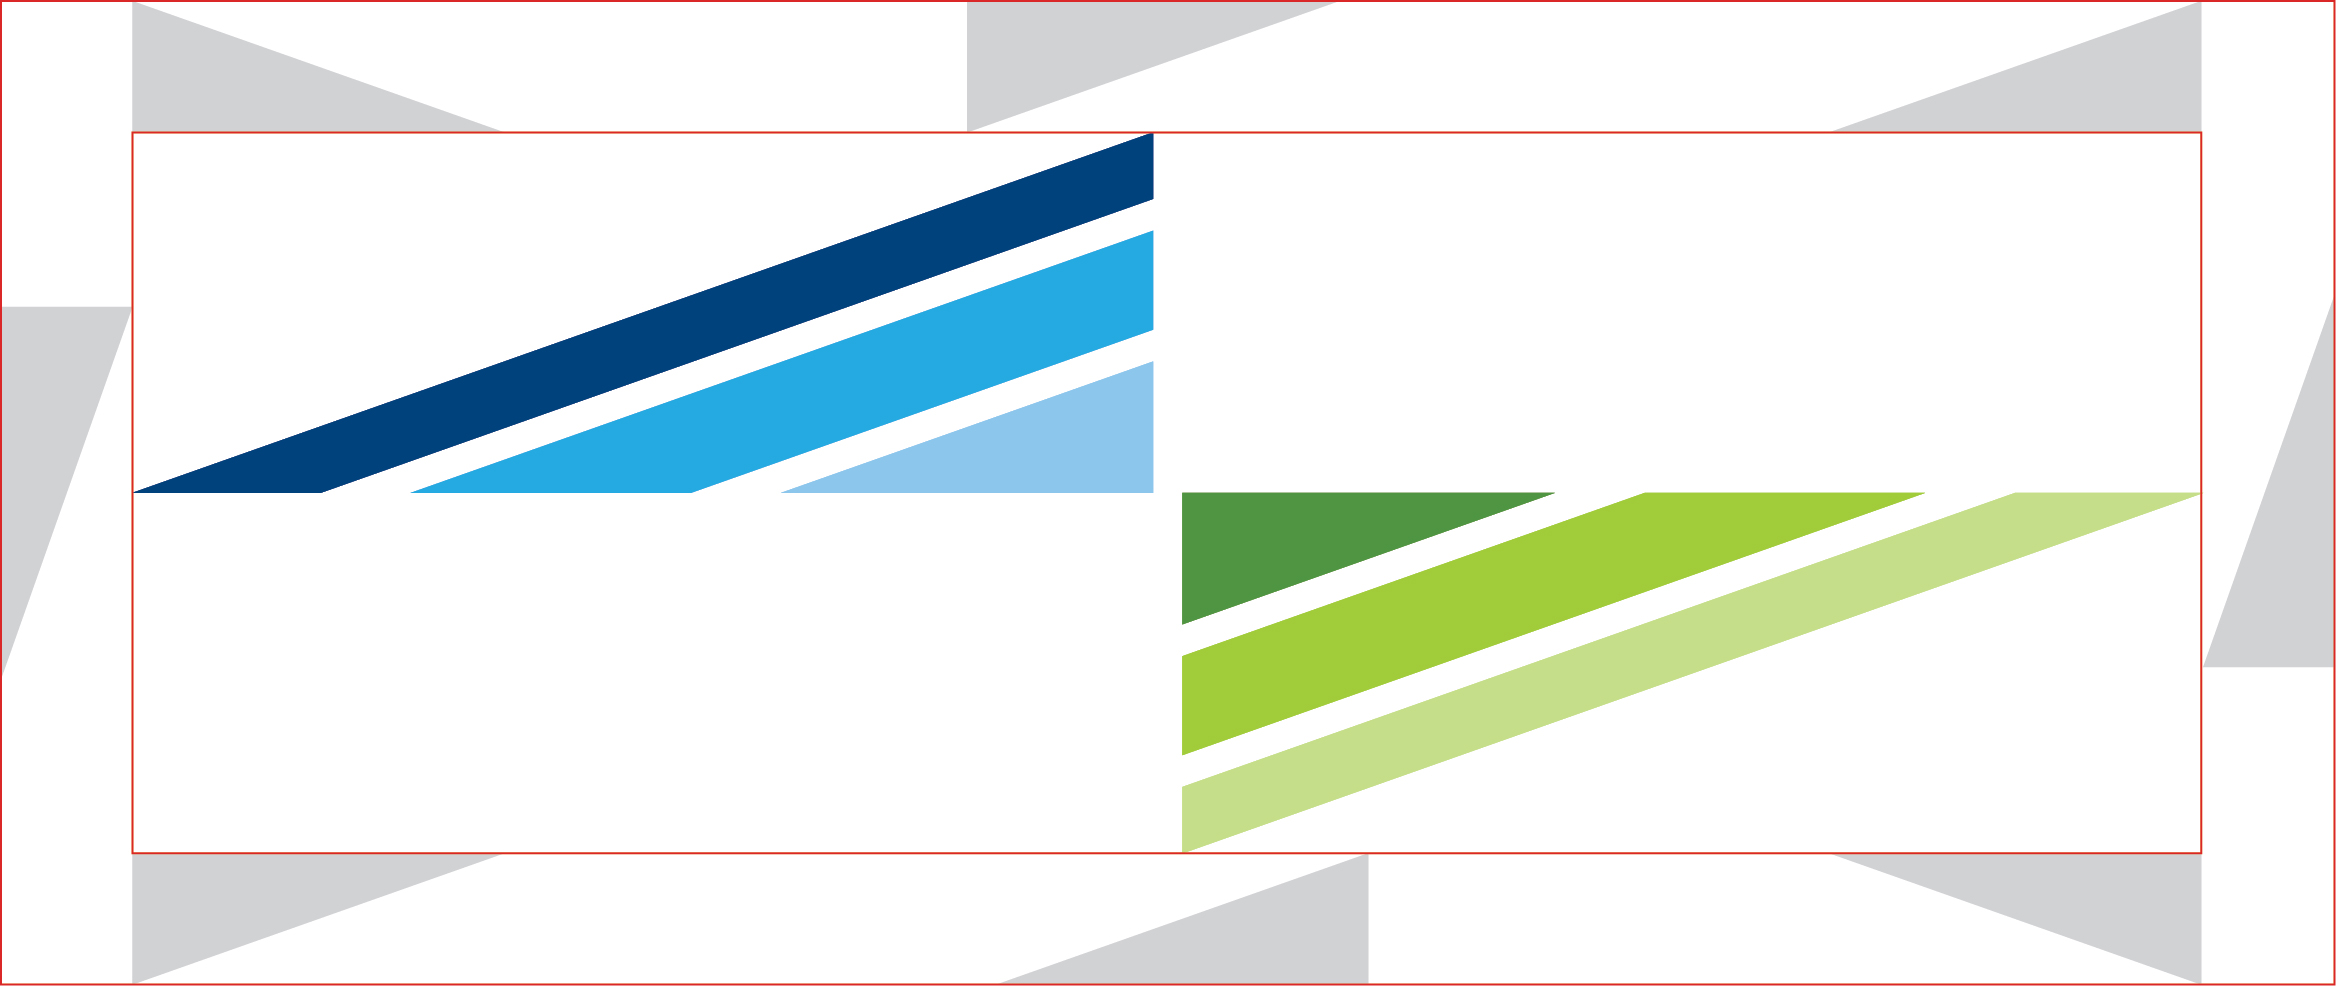 alternative_tsp_logo_primary_symbol-01.jpg